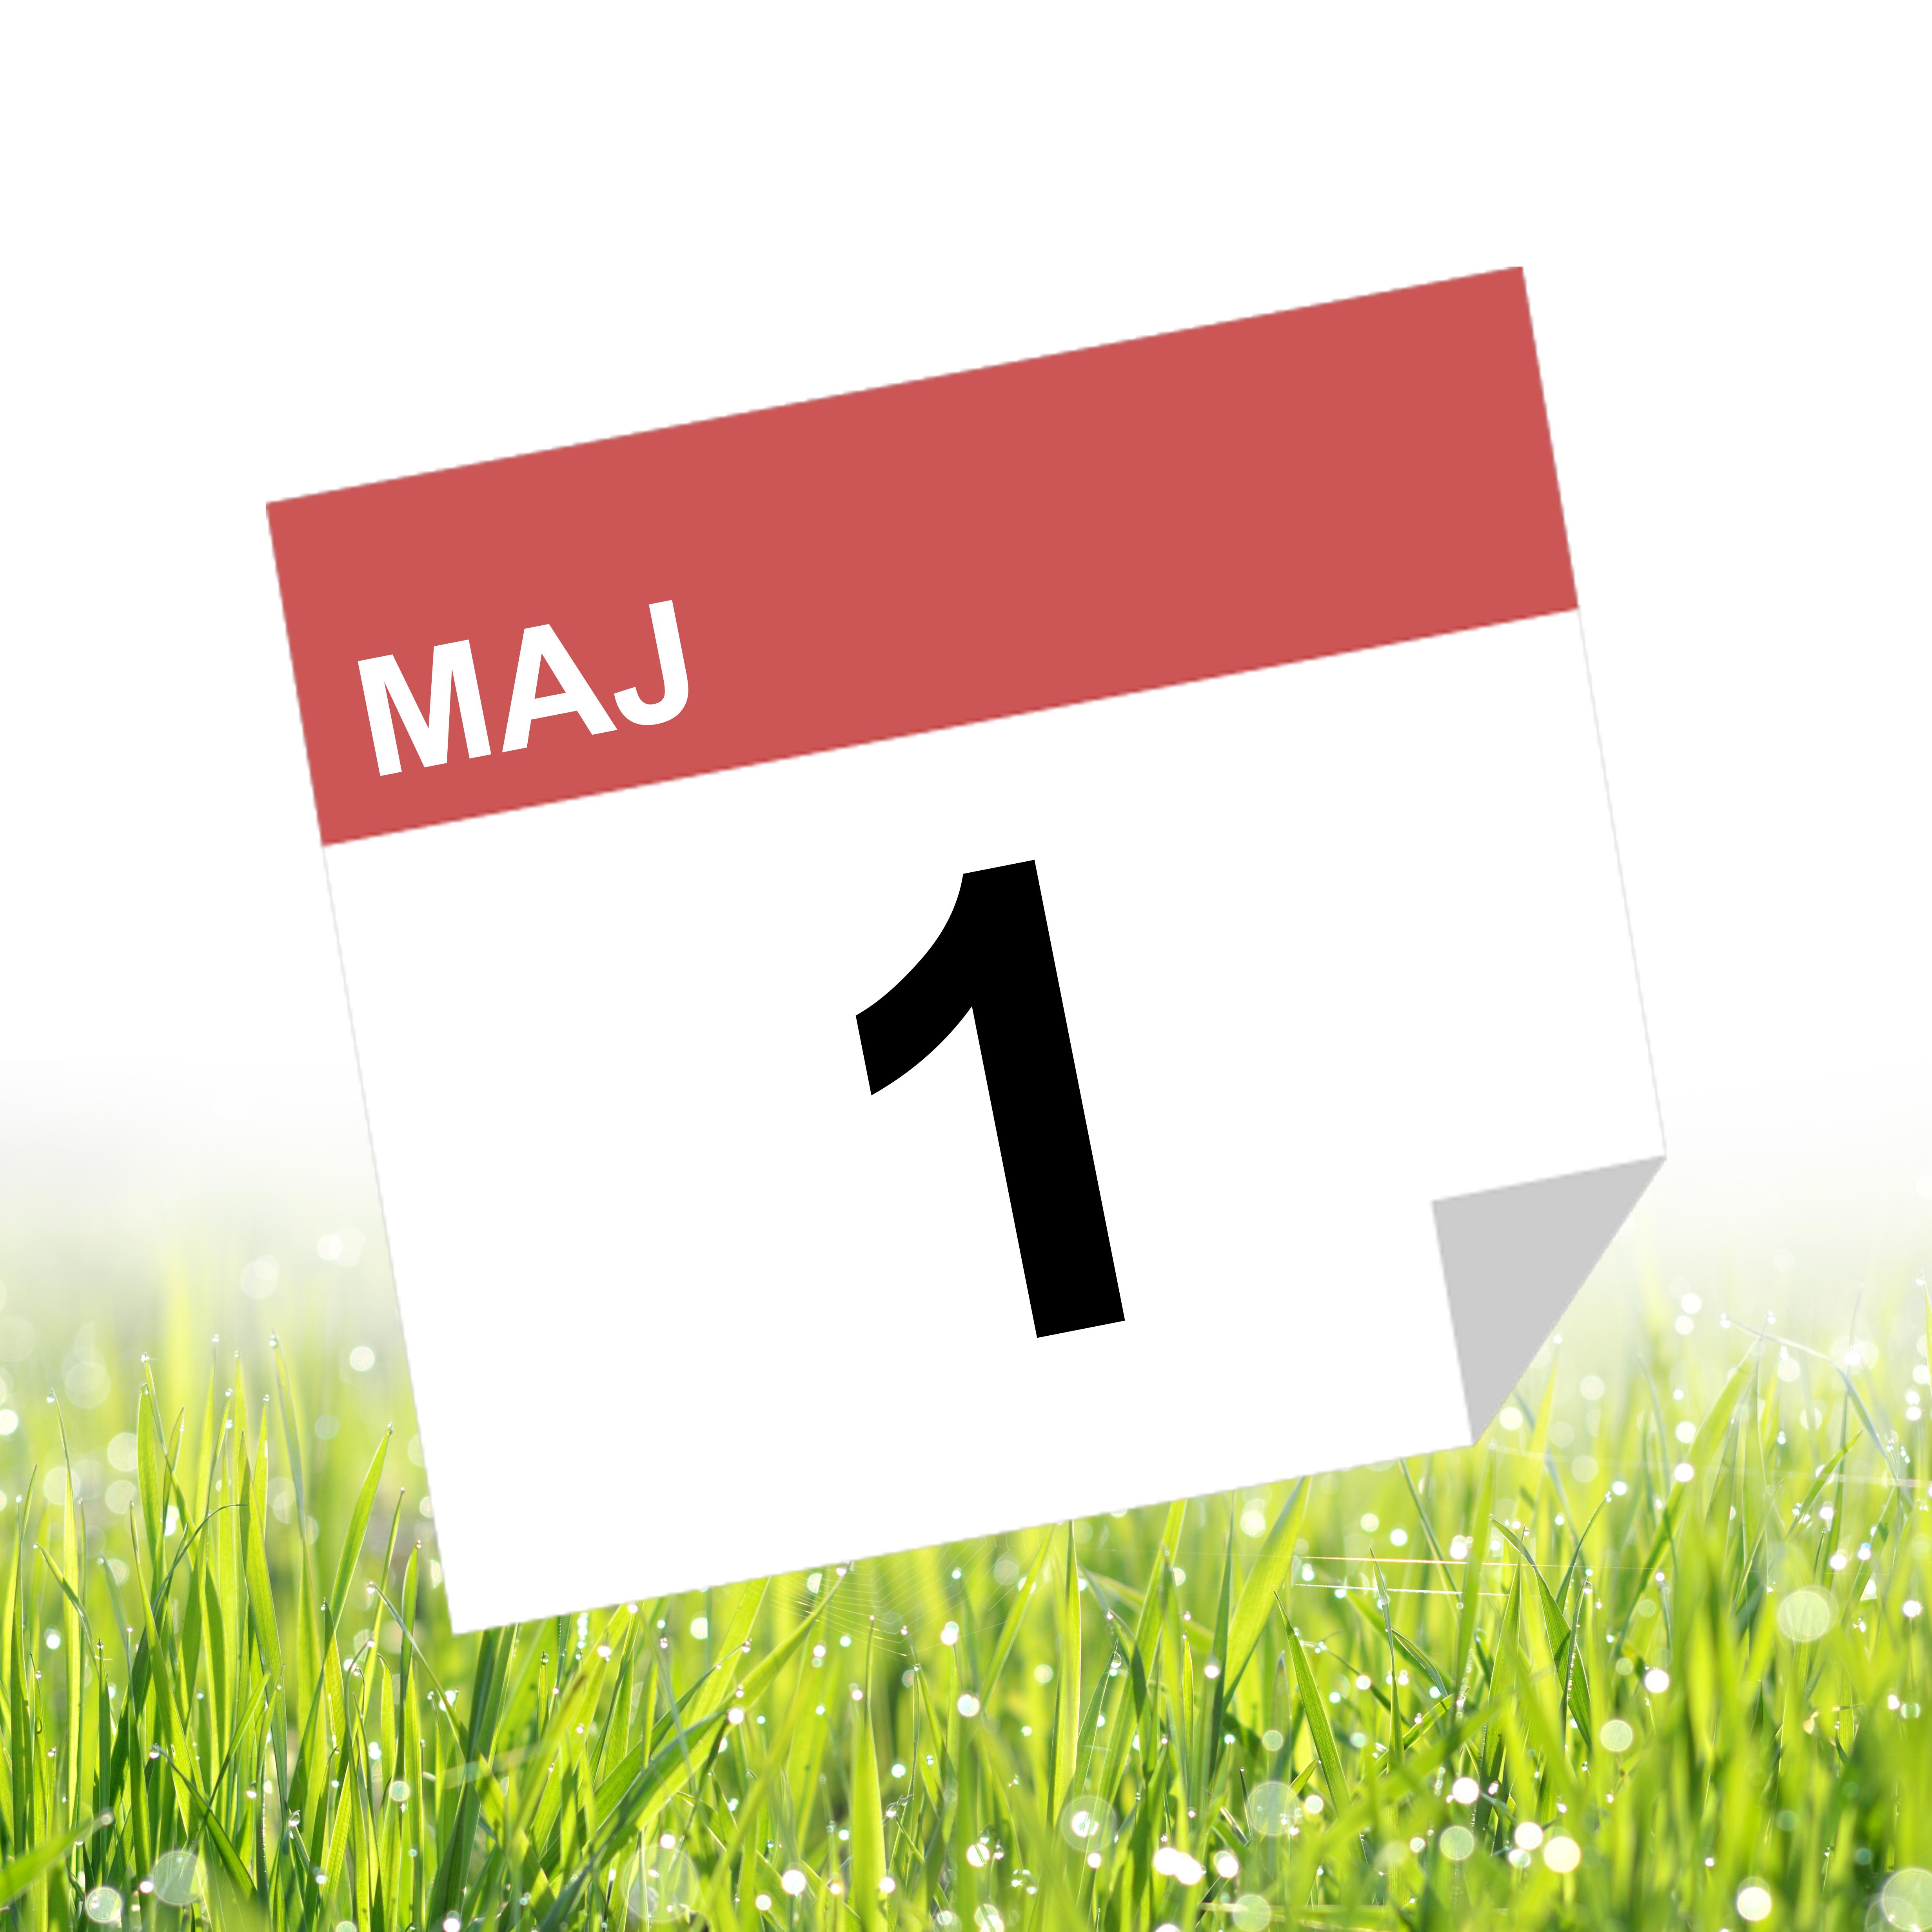 1. maj